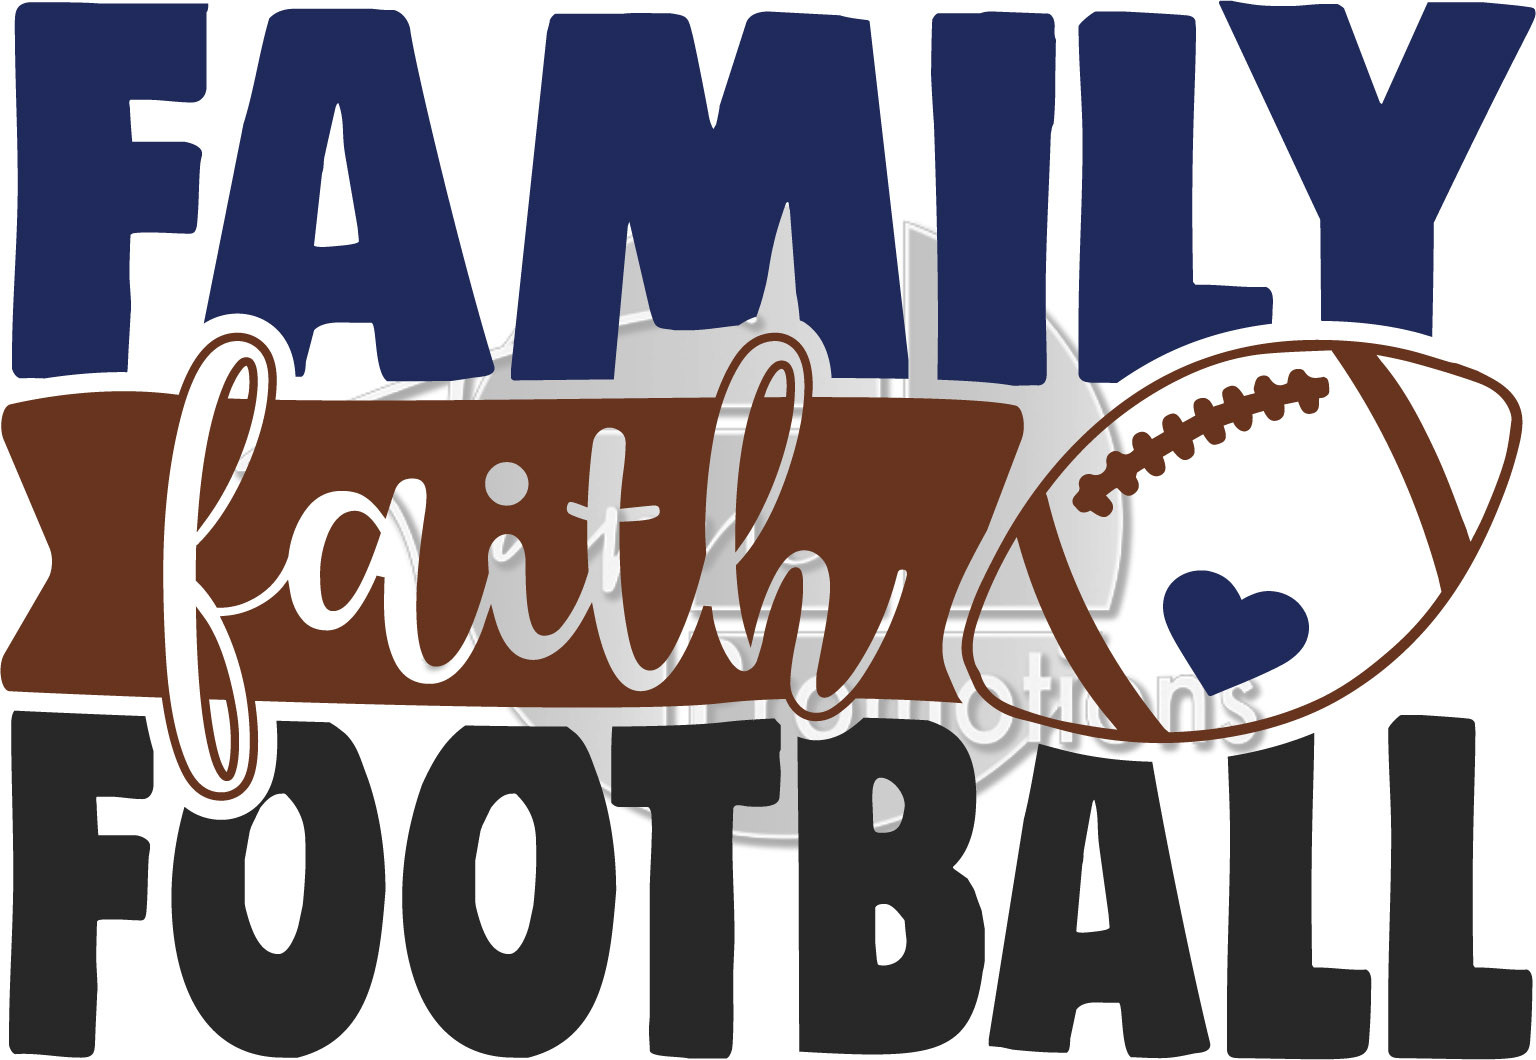 Family faith football.jpg